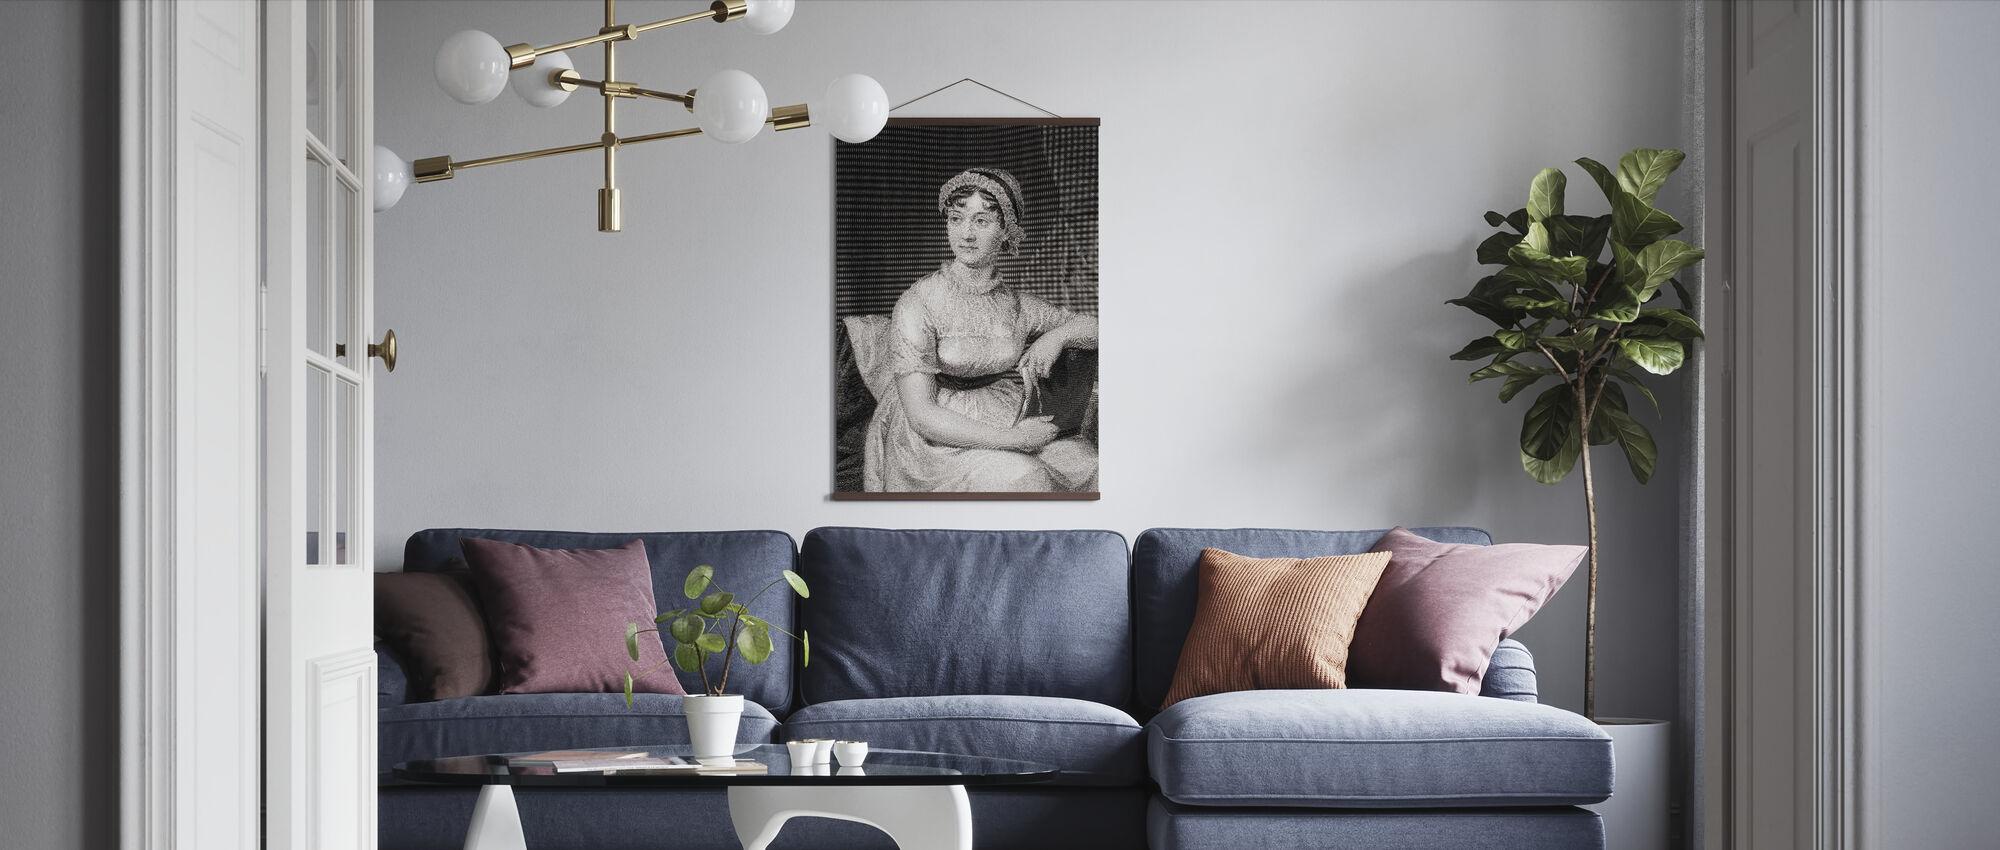 Jane Austen - Poster - Living Room